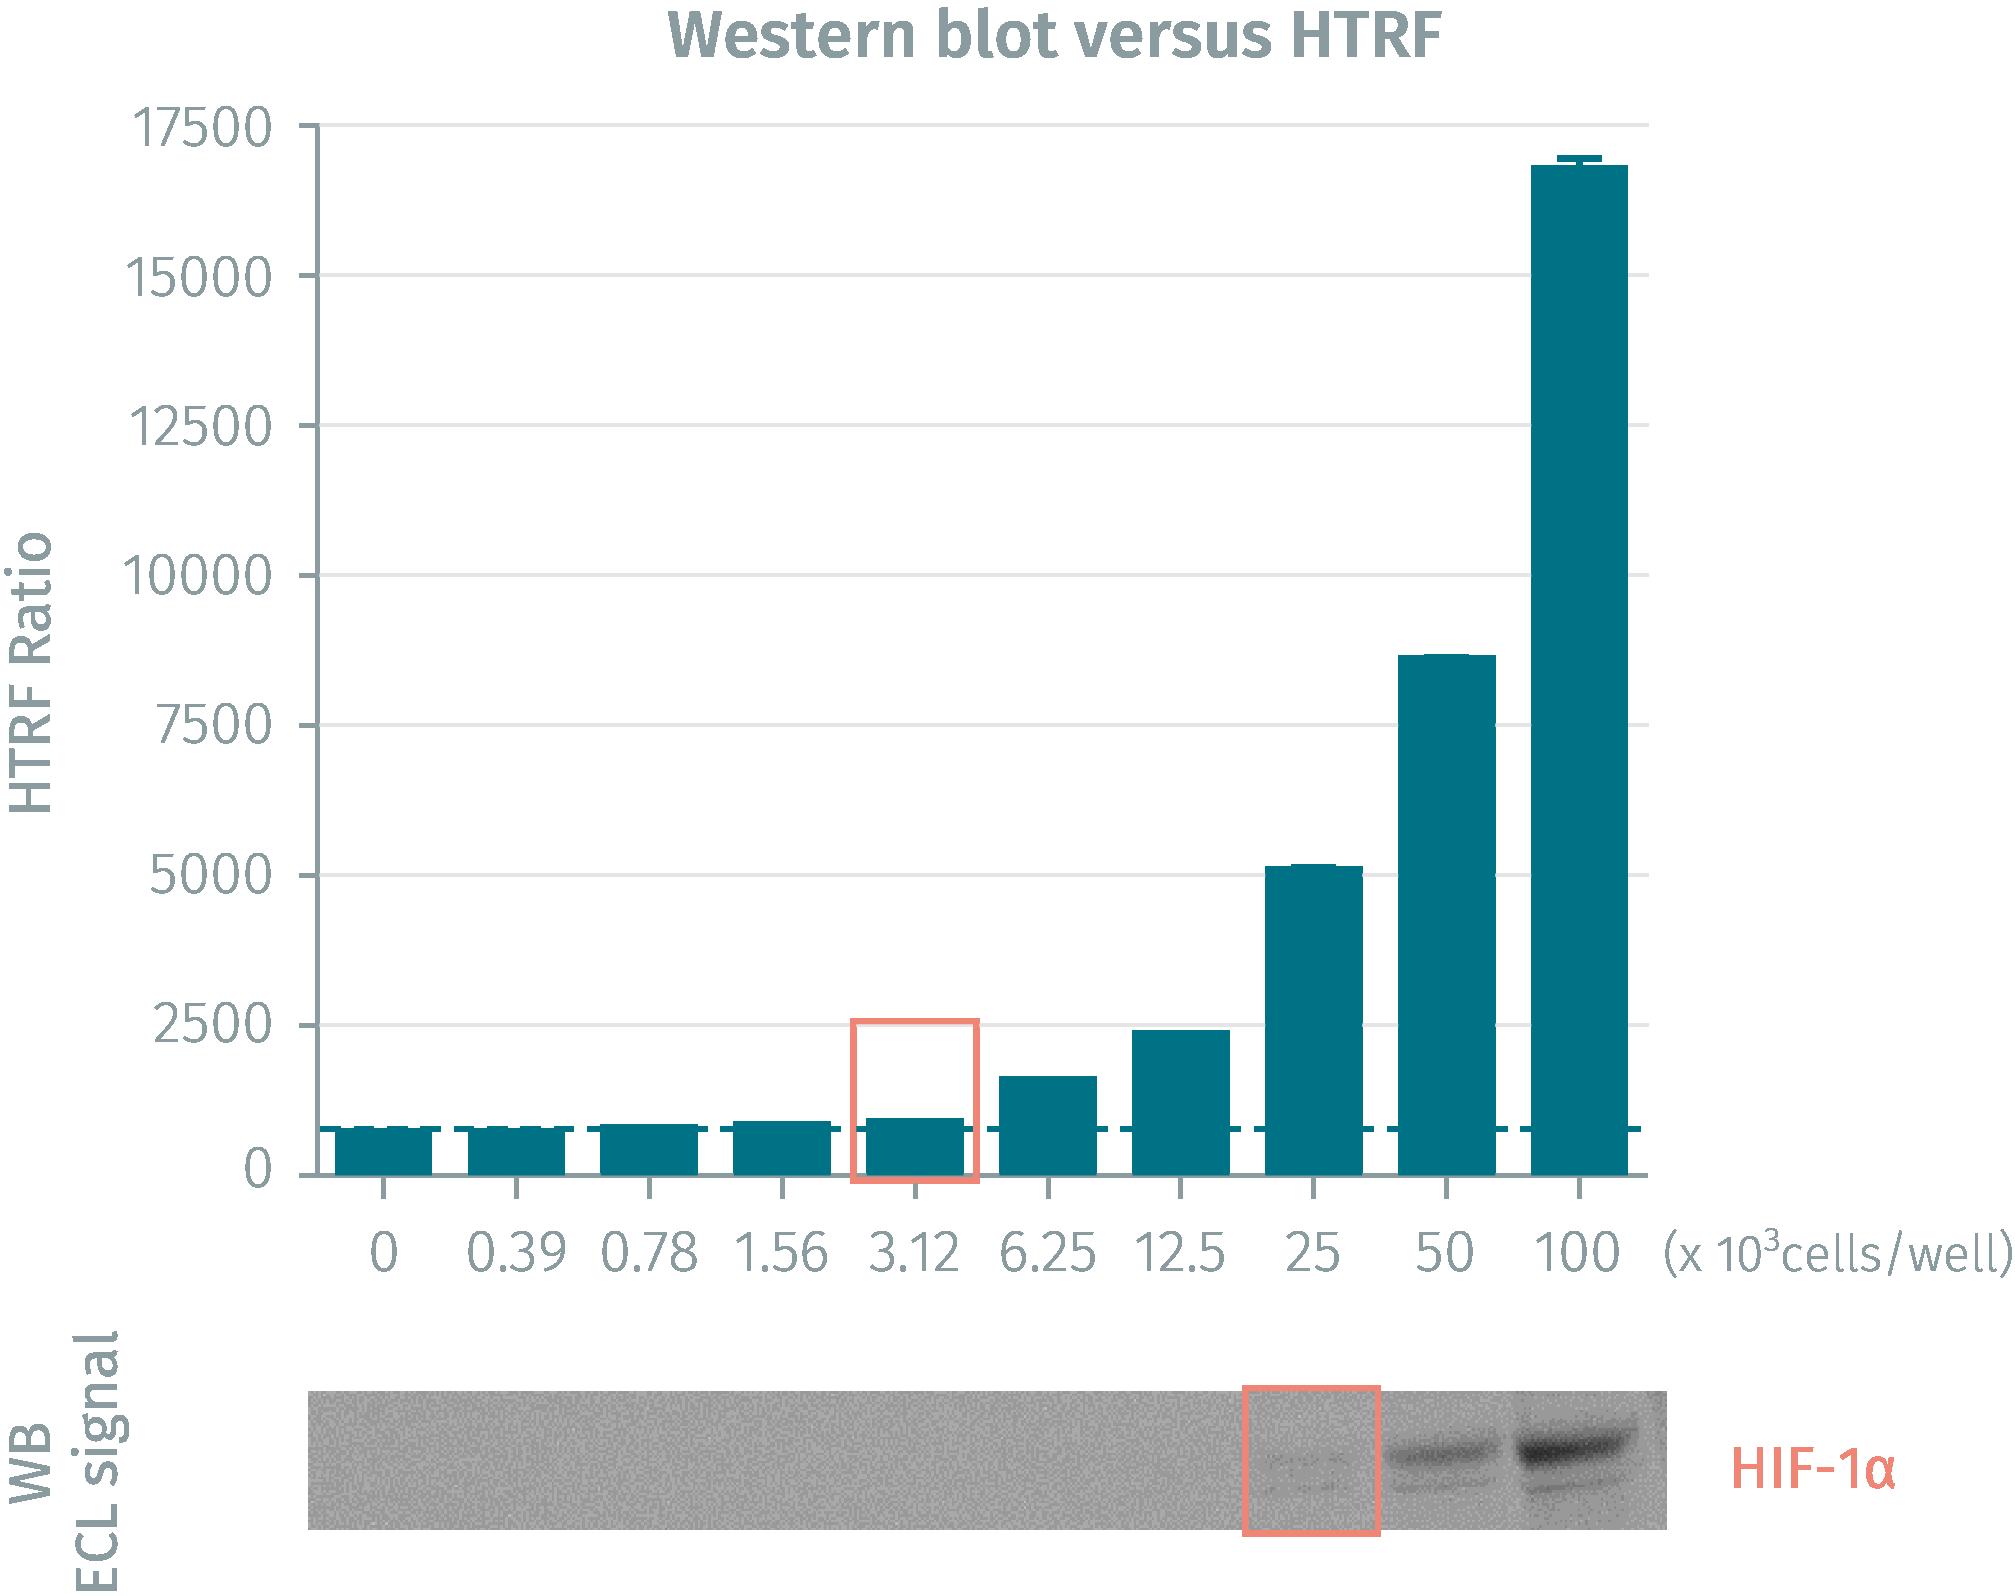 HIF1-a protein level comparison HTRF vs Western Blot